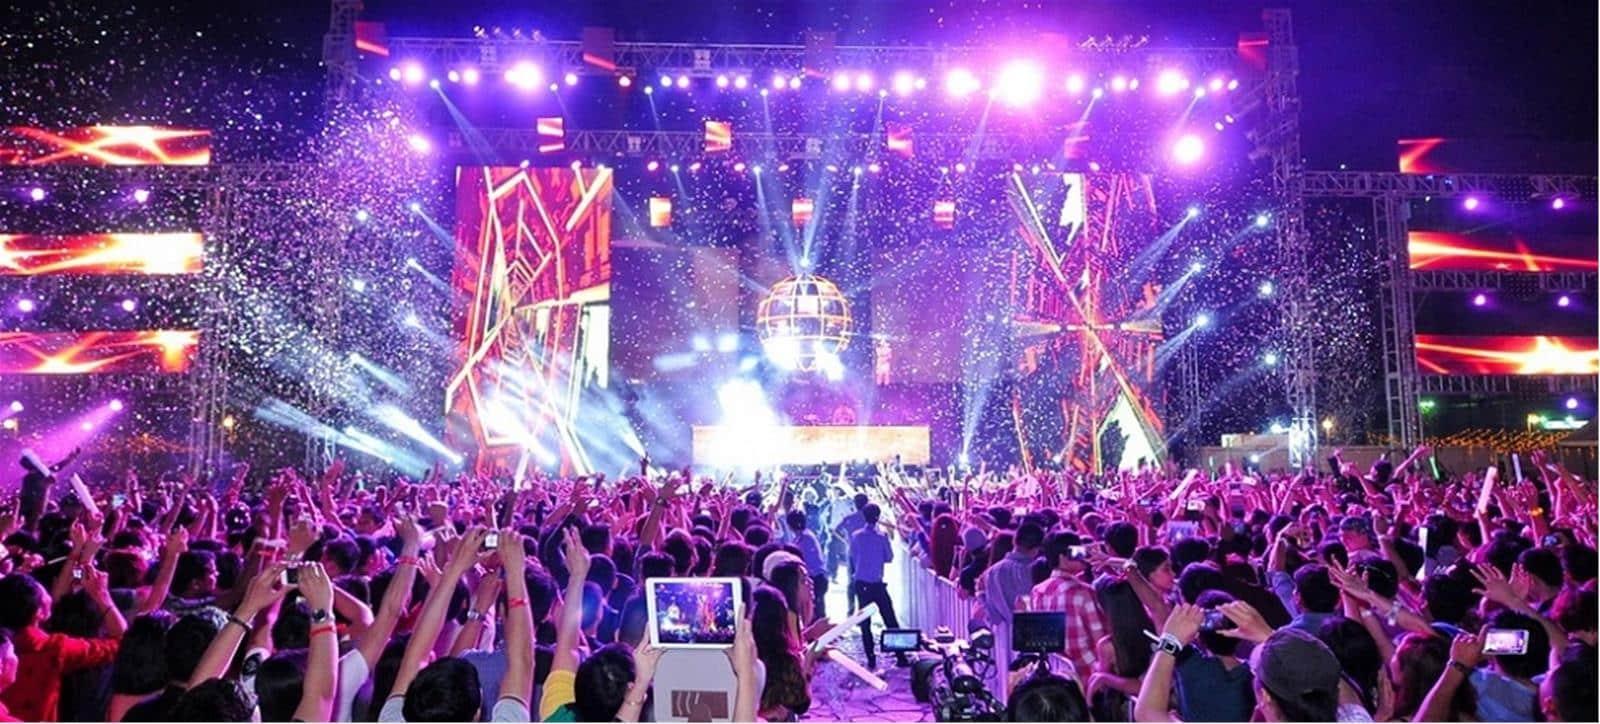 Kết nối trực tuyến - xu hướng tổ chức sự kiện hot nhất 2018